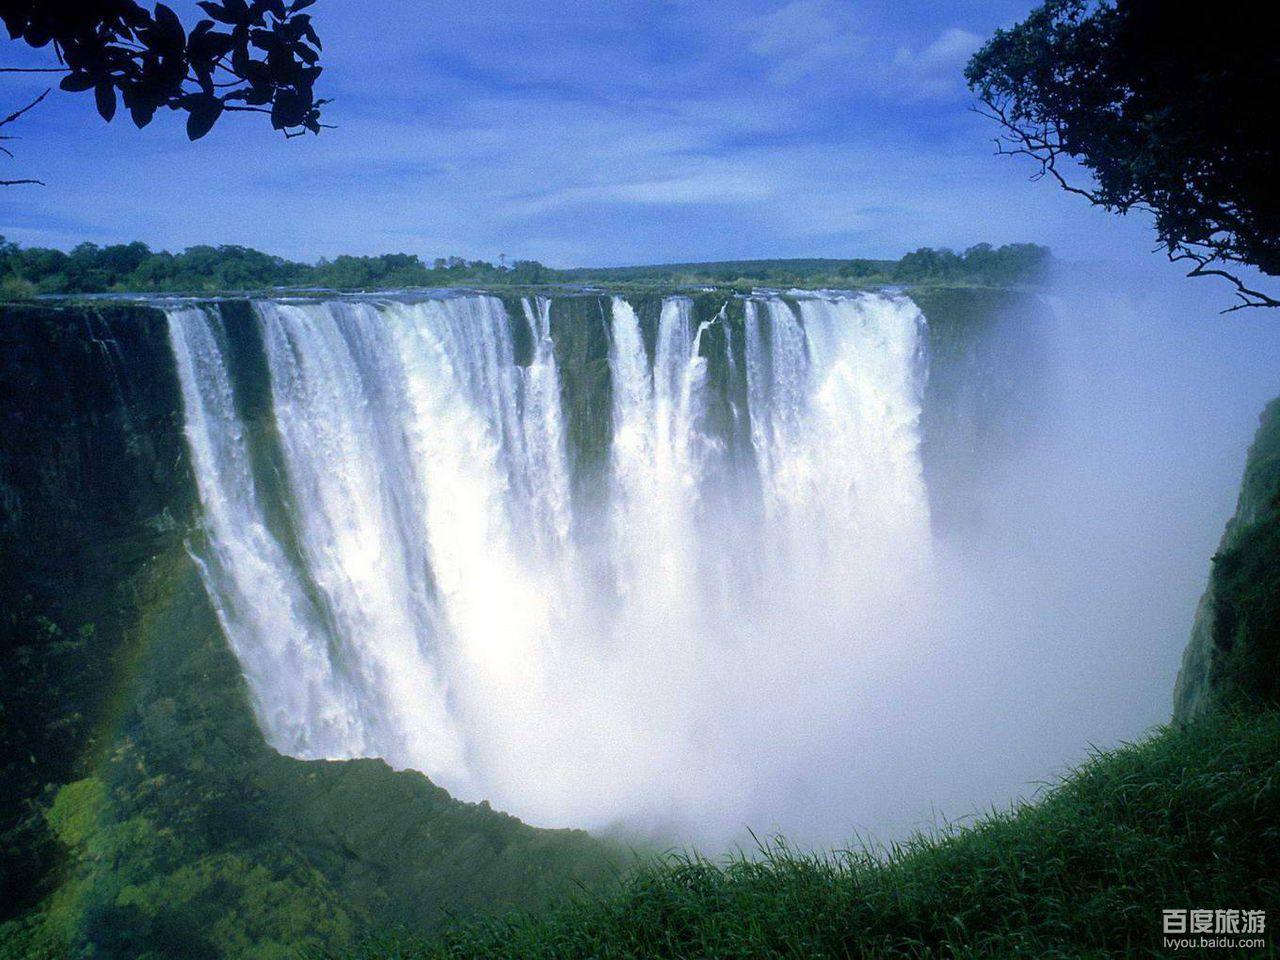 到非洲旅游 非洲旅游团_青岛旅行社有限责任公司